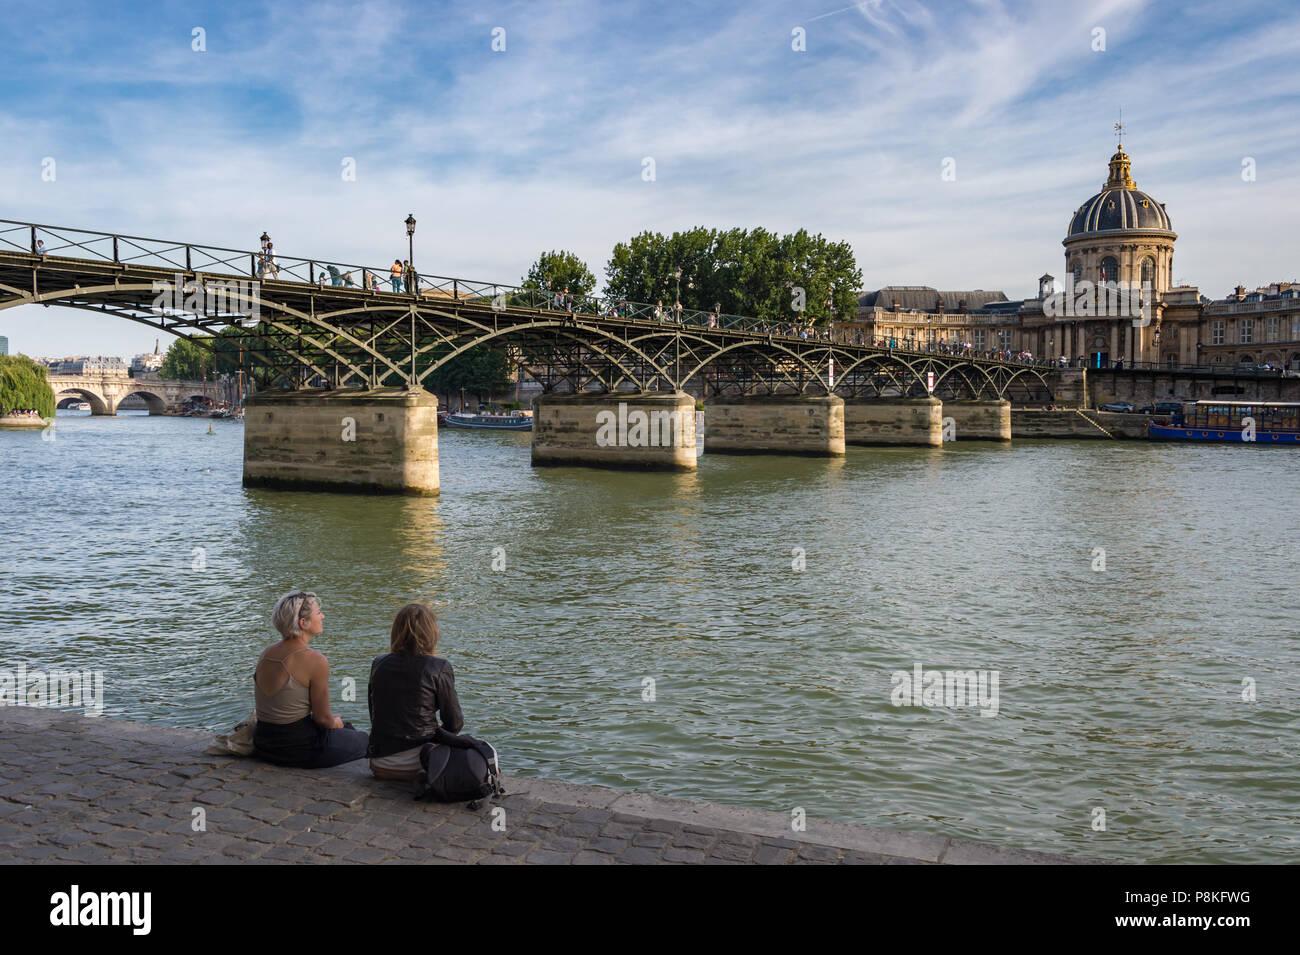 Paris, 24 June 2018: Pont des Arts and Institut de France across Seine river - Stock Image